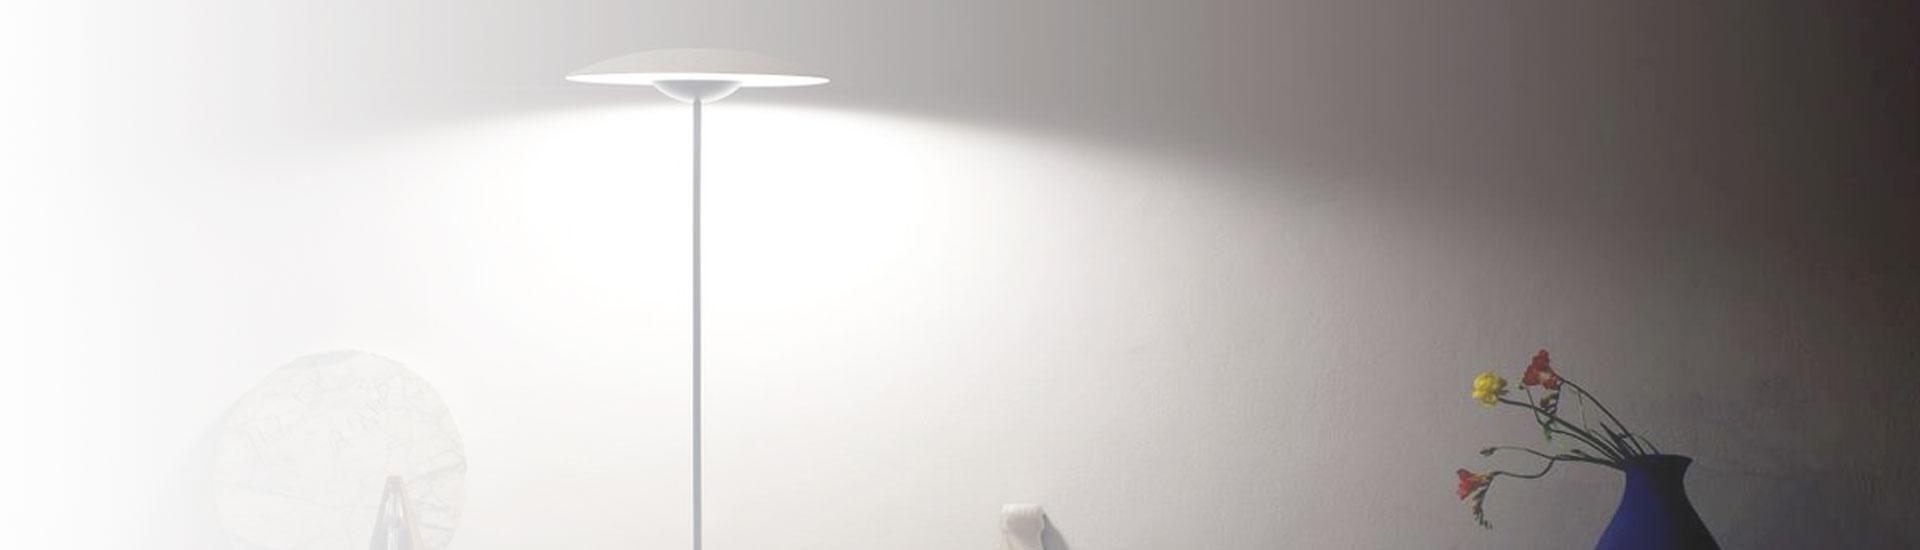 Inspiration til gulvlamper til hjemmet - Stort udvalg online